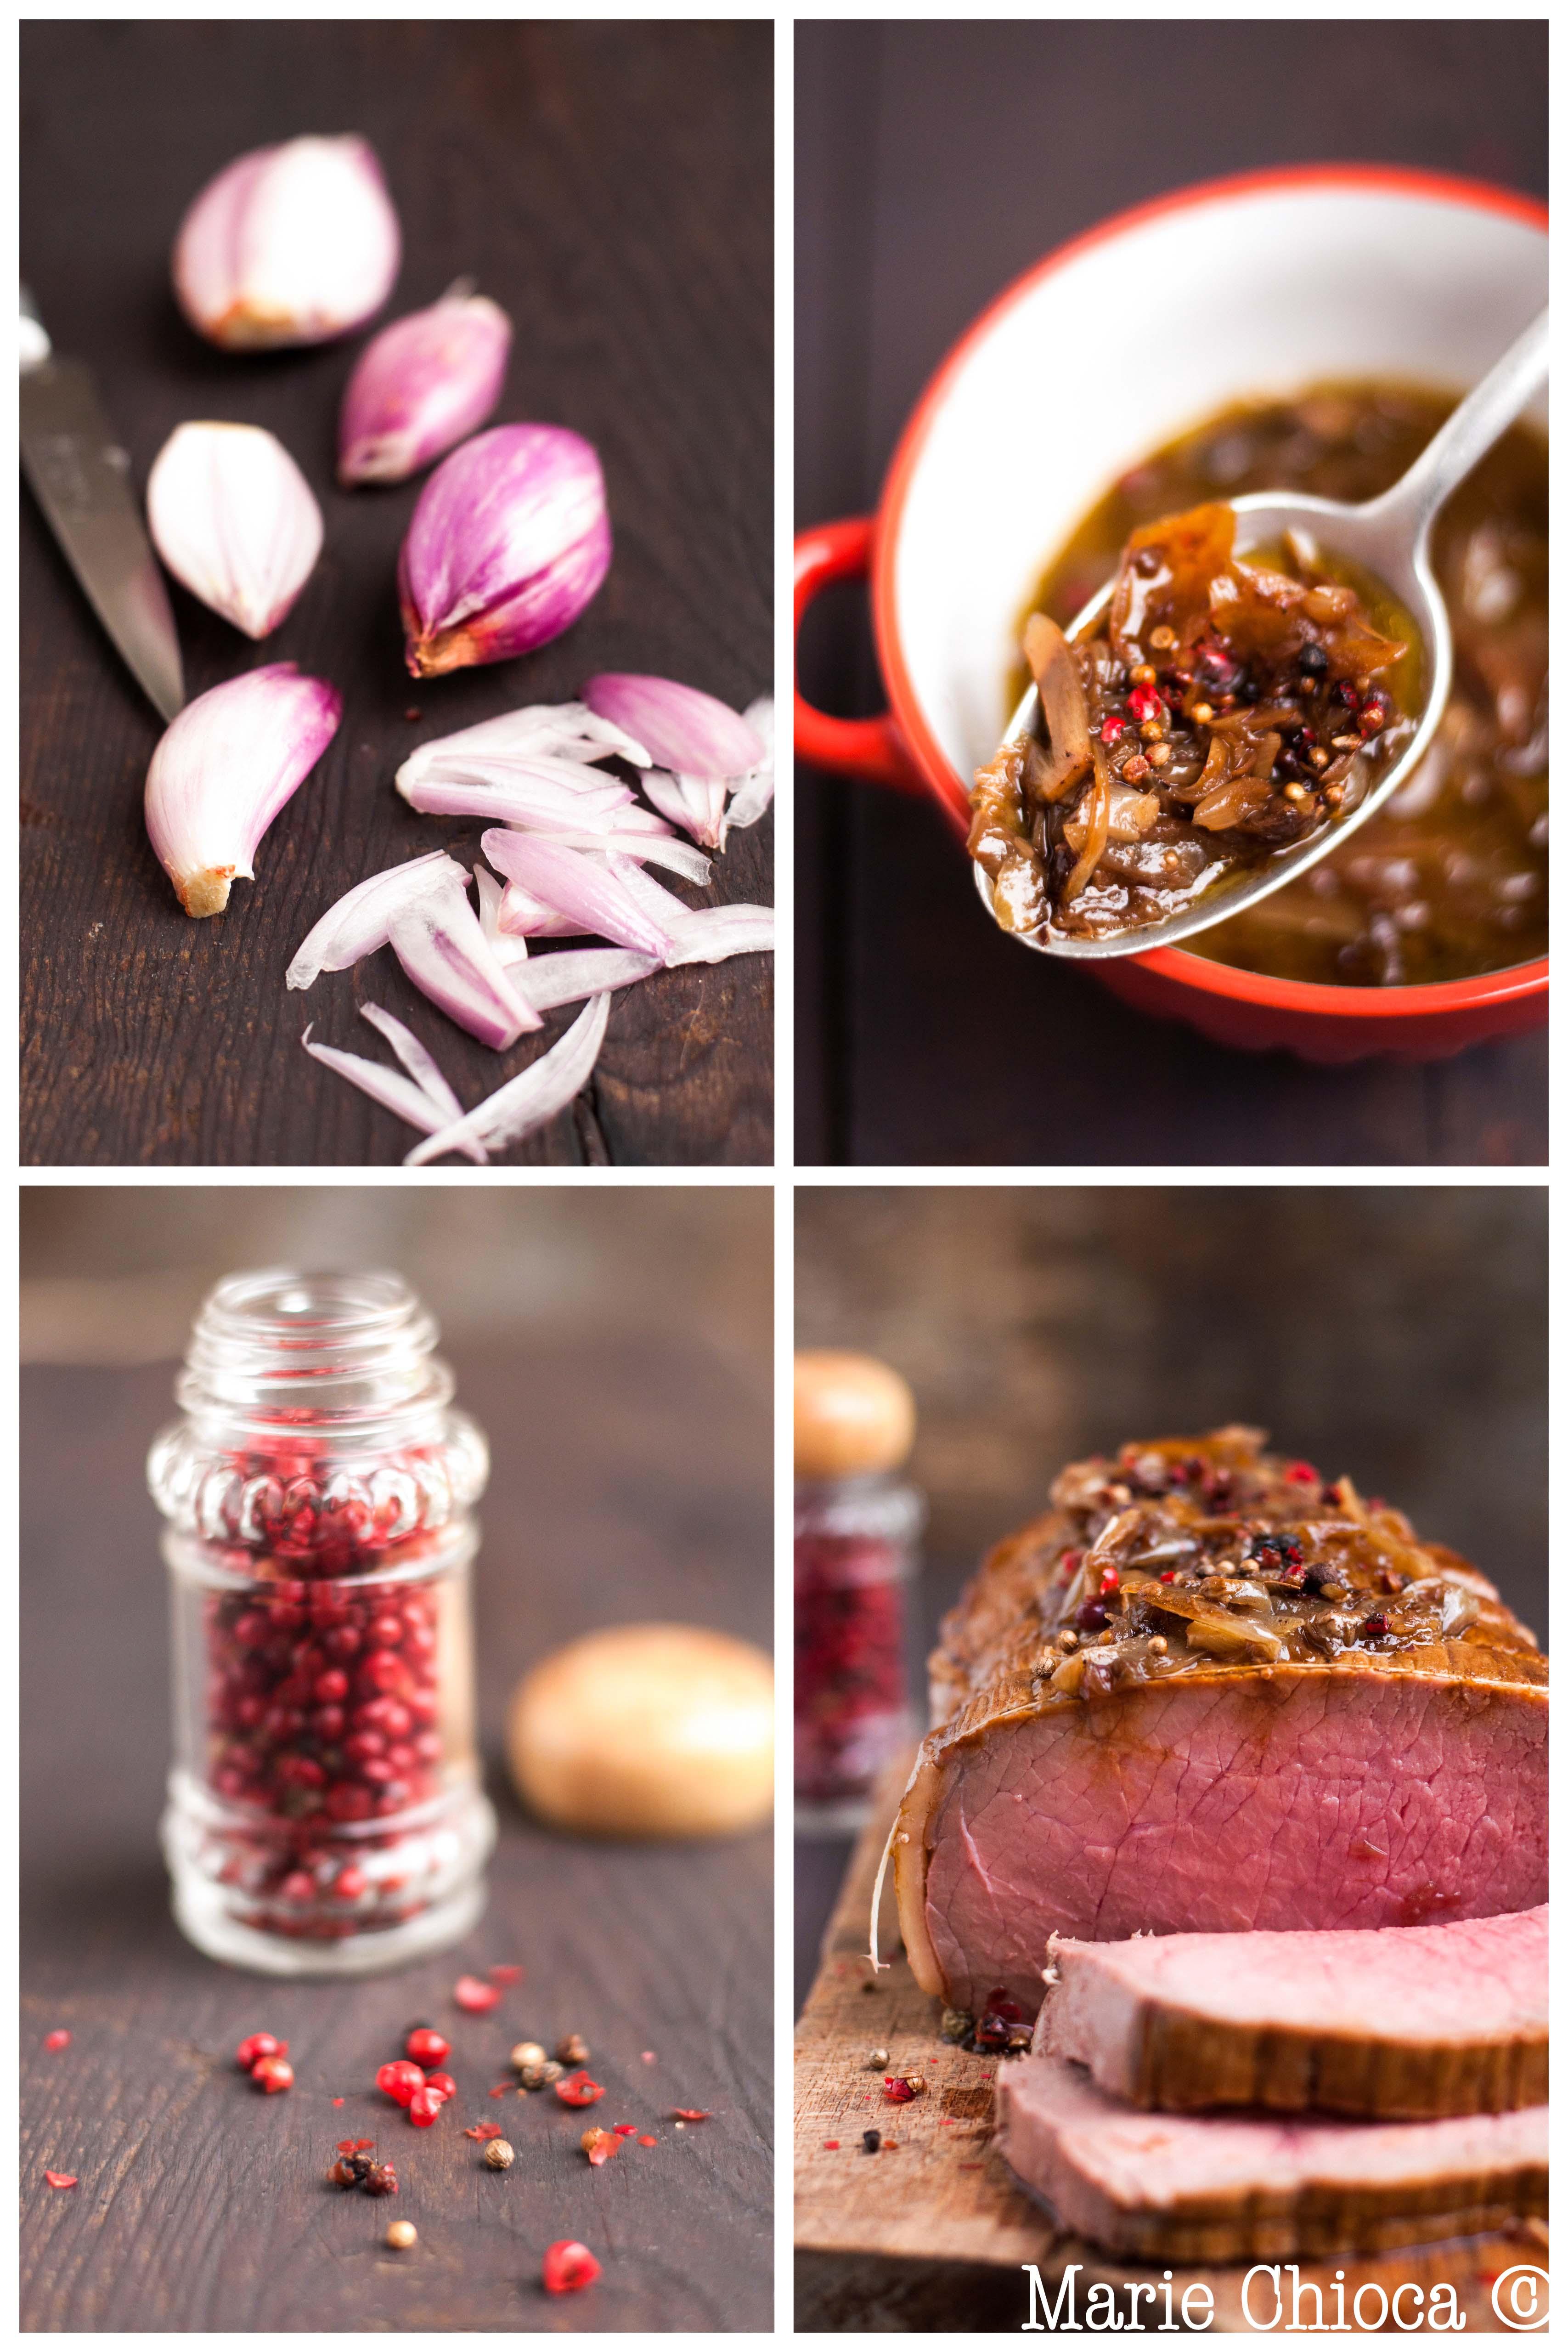 rôti de boeuf rosé aux échalotes caramélisées et poivre 5 baies (montage)_-2-2